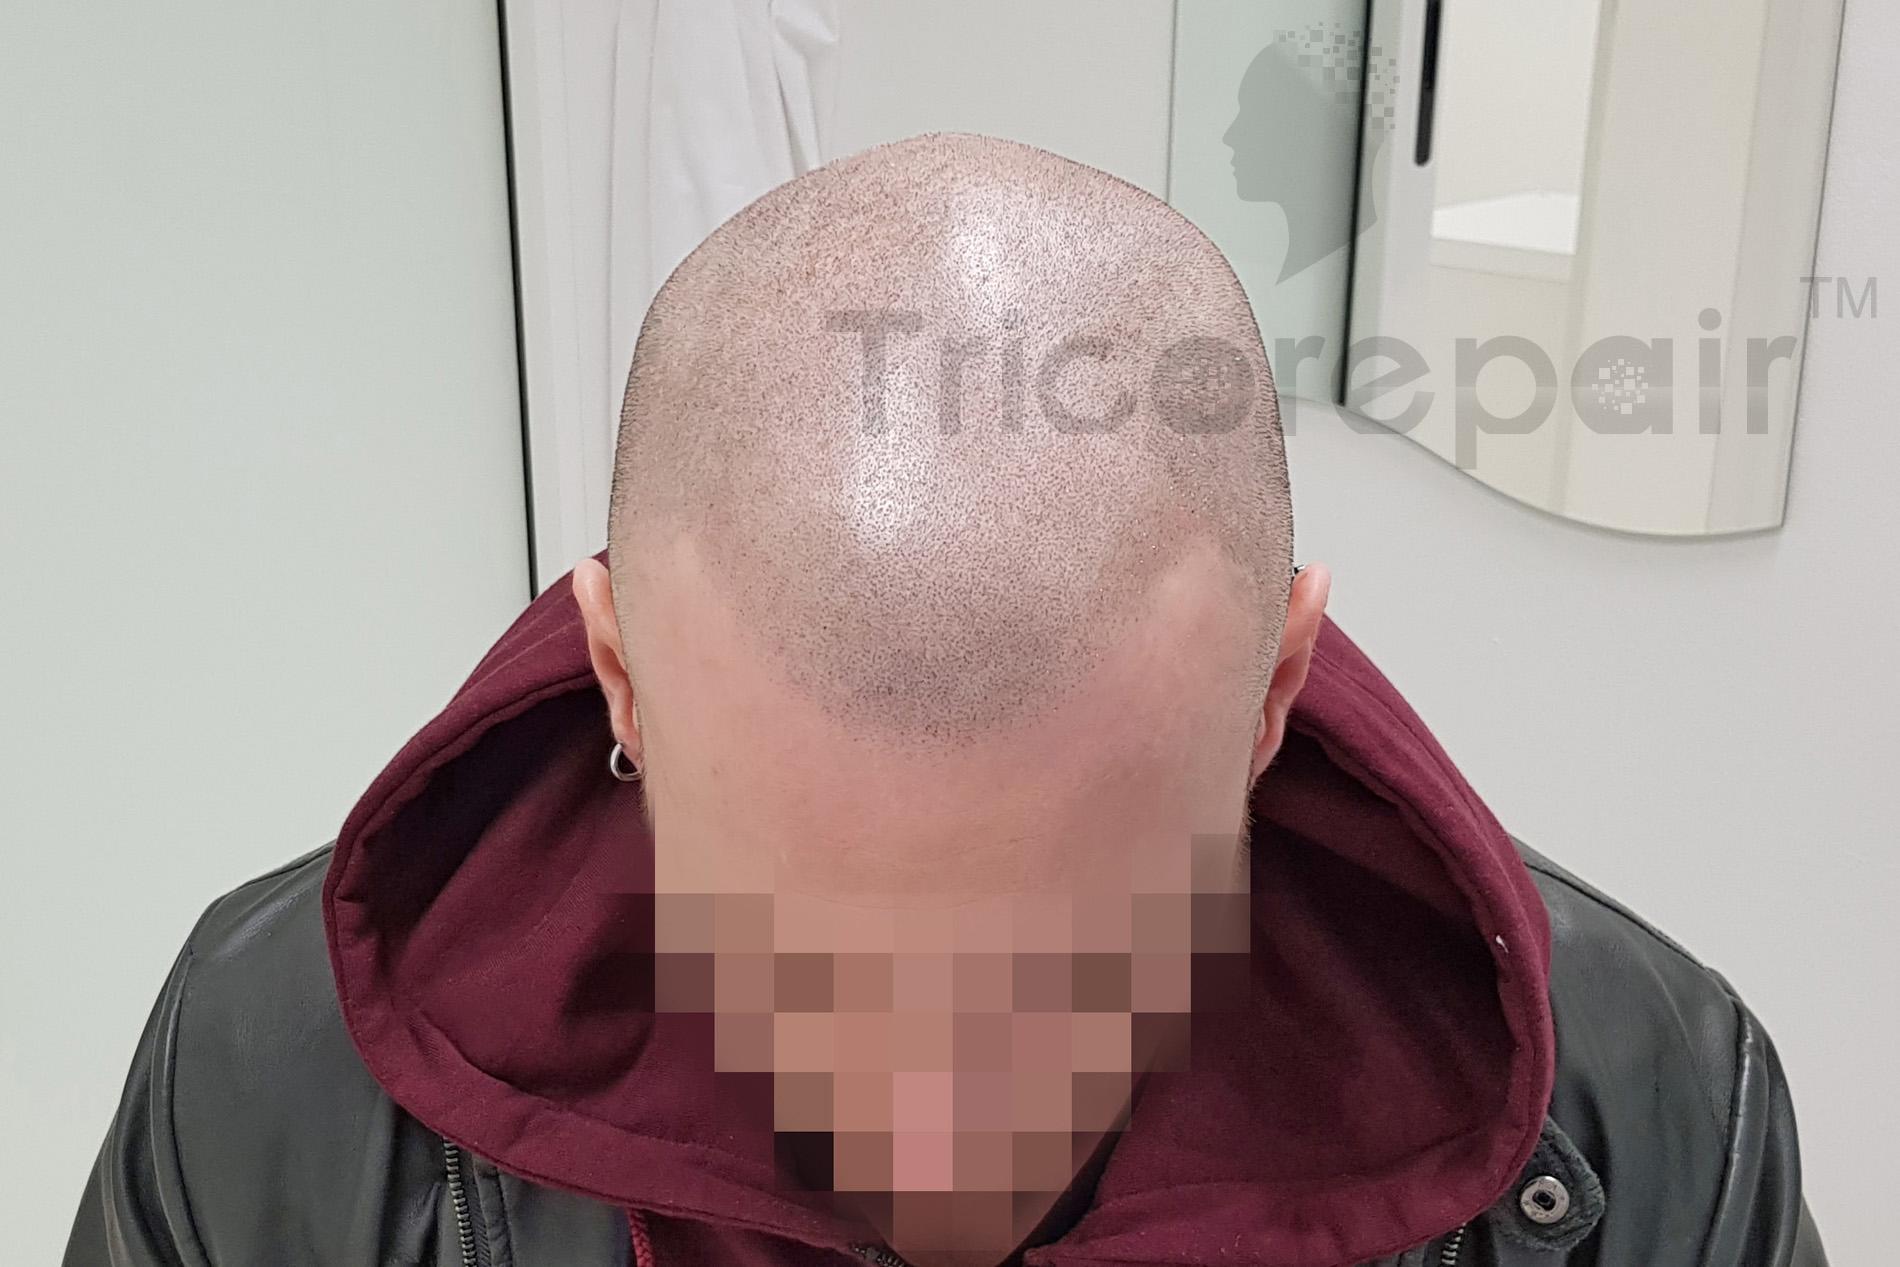 Effetto rasato - Dopo il trattamento